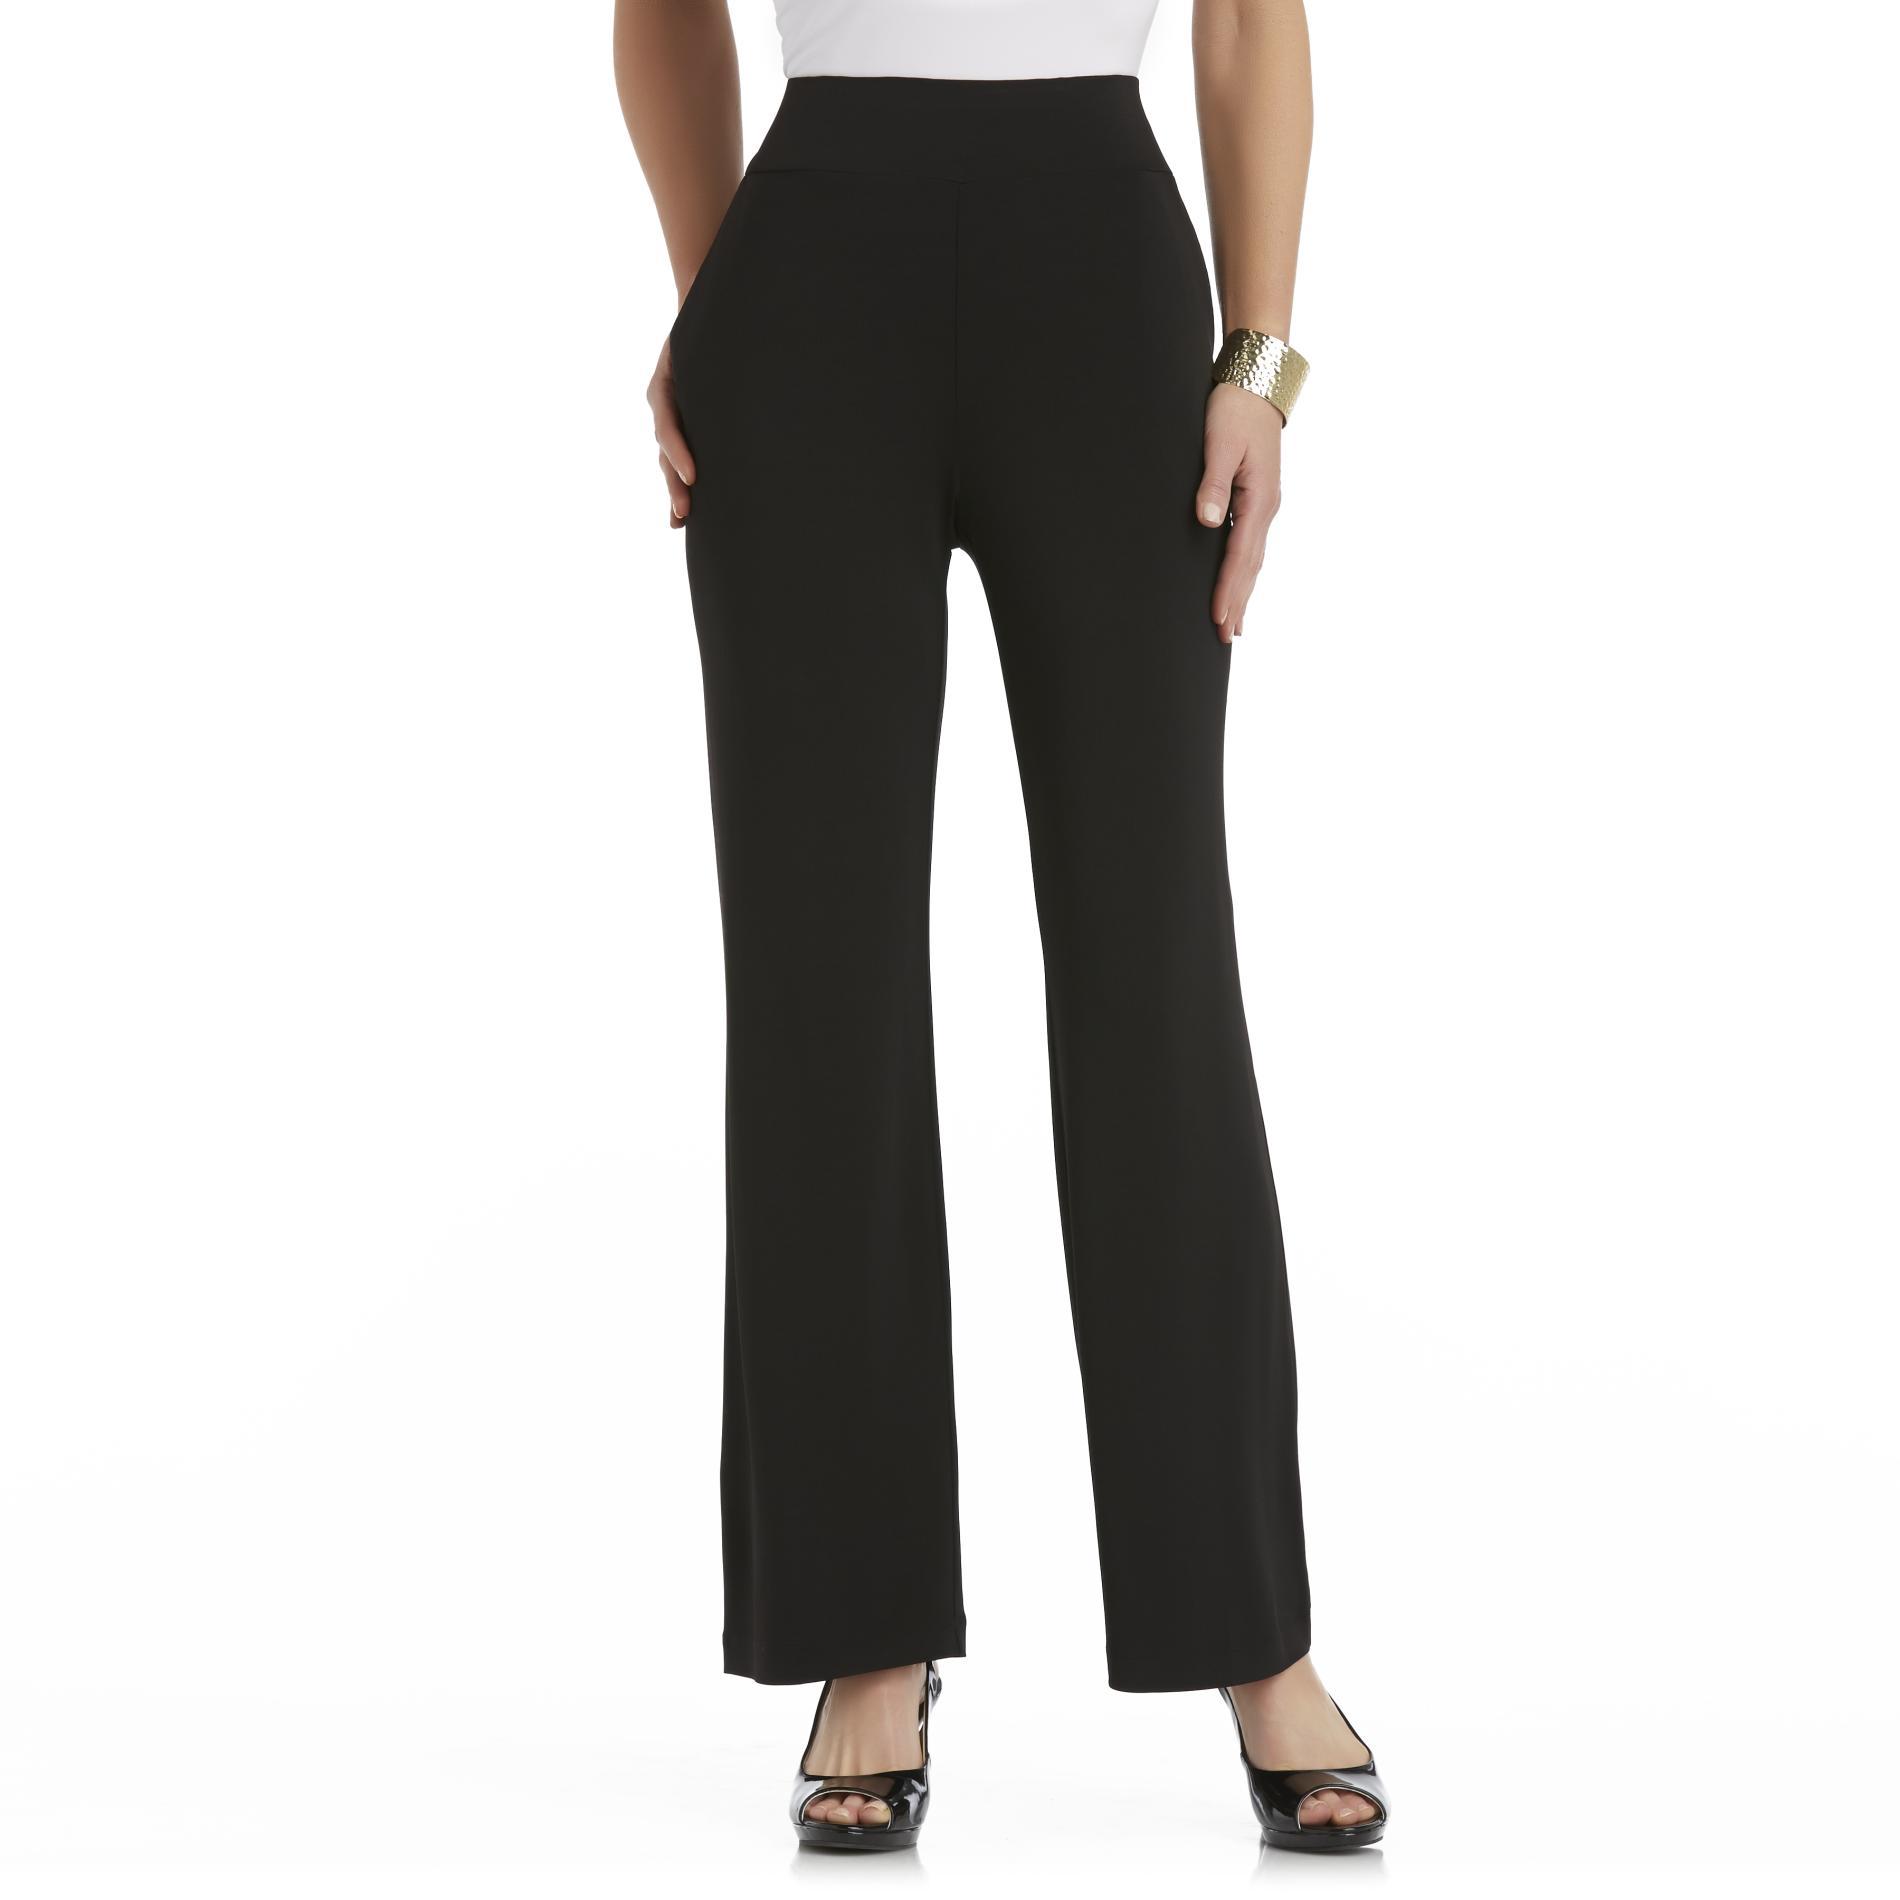 Women's Knit Pants